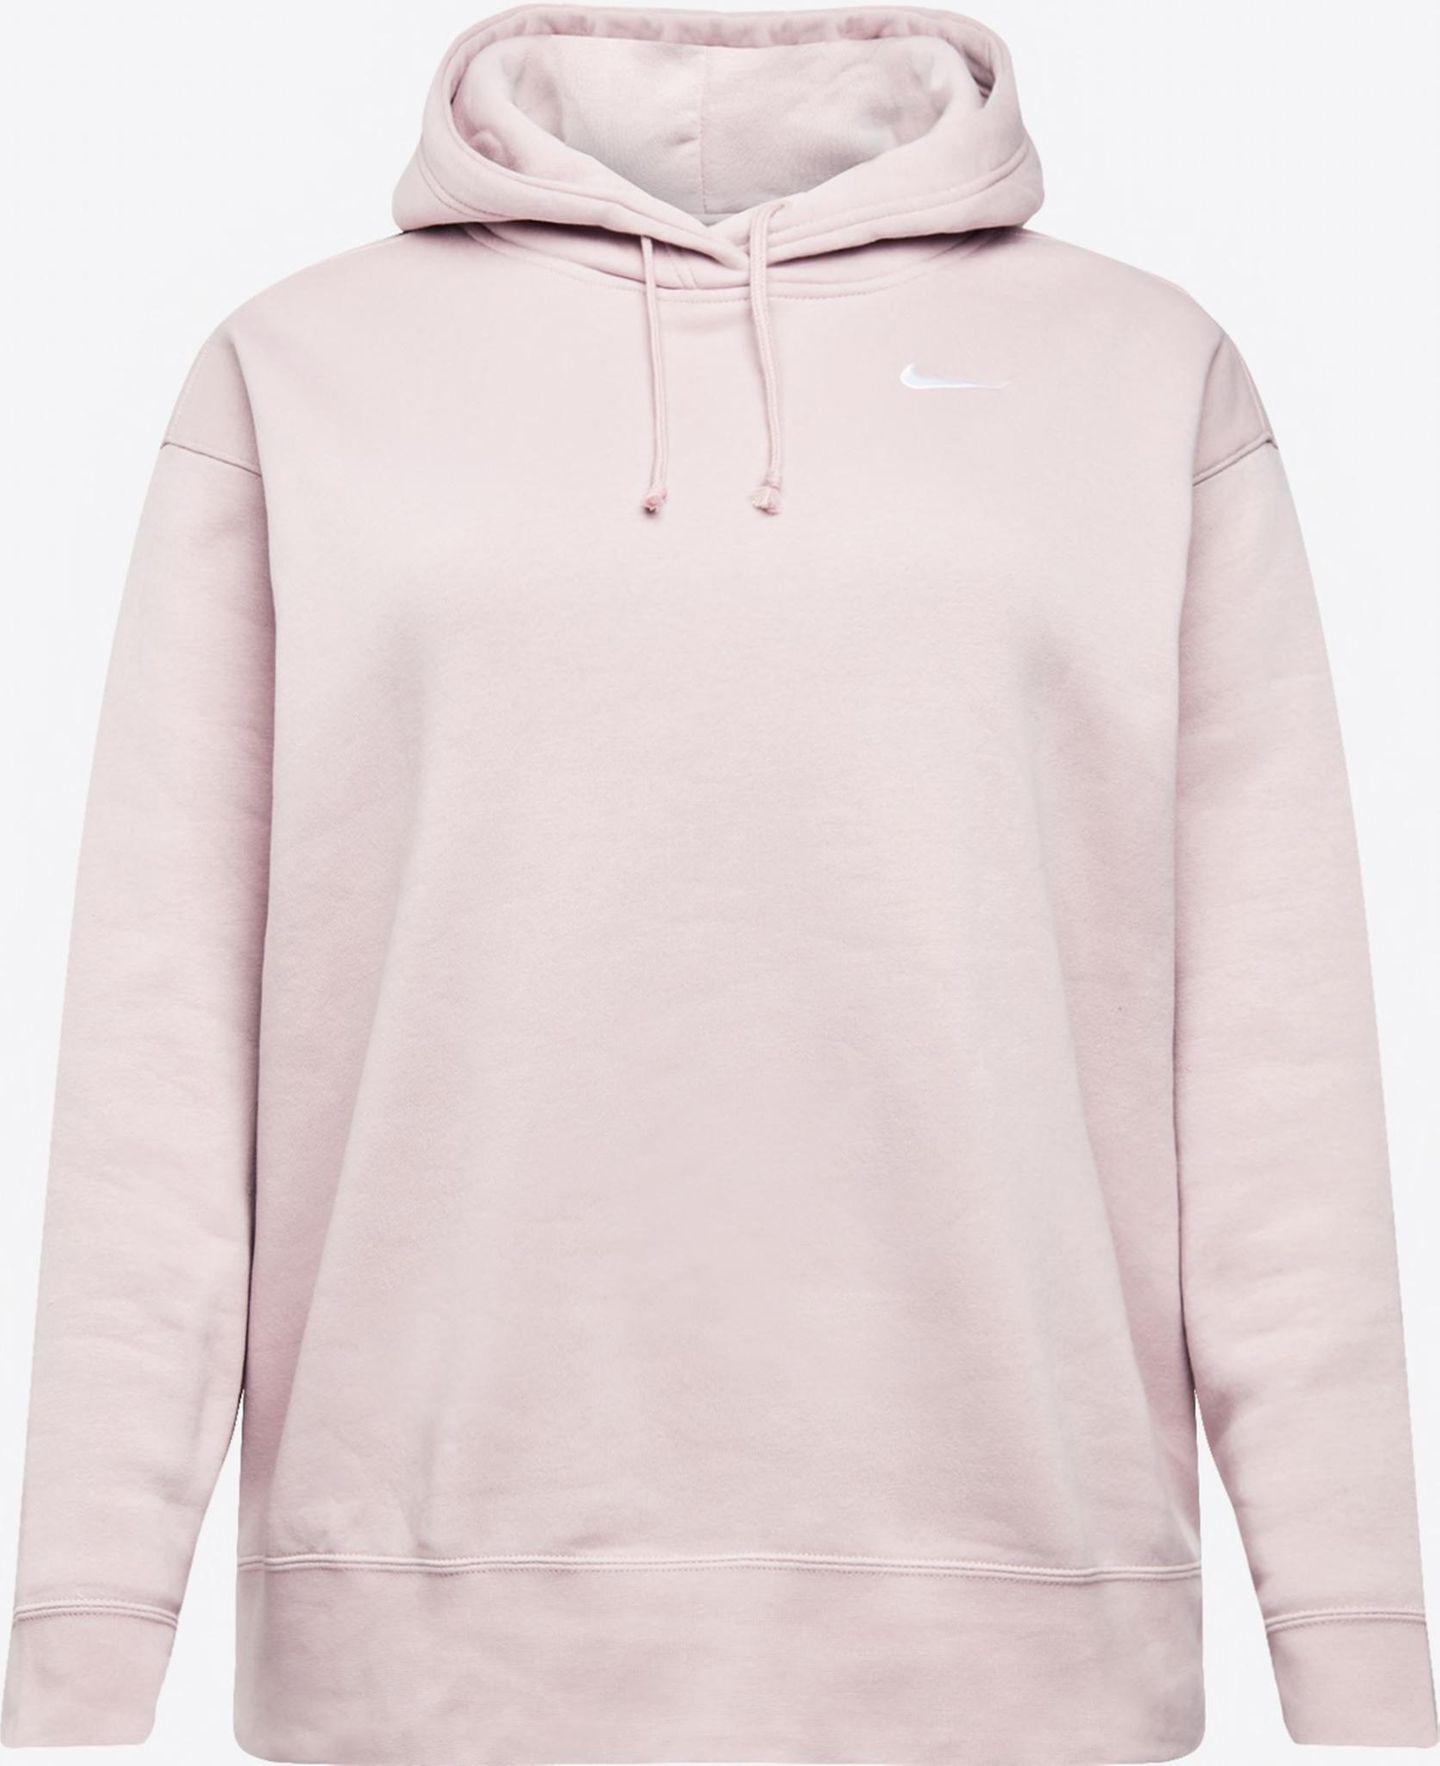 Im letzten Jahr haben wir Hoodies nicht nur lieben gelernt, wir können jetzt gar nicht mehr ohne. Diese lässige Variante von Nike kombinieren wir zu Basic-Jeans. Und schon steht der Look. Über About You, rund 55 Euro.